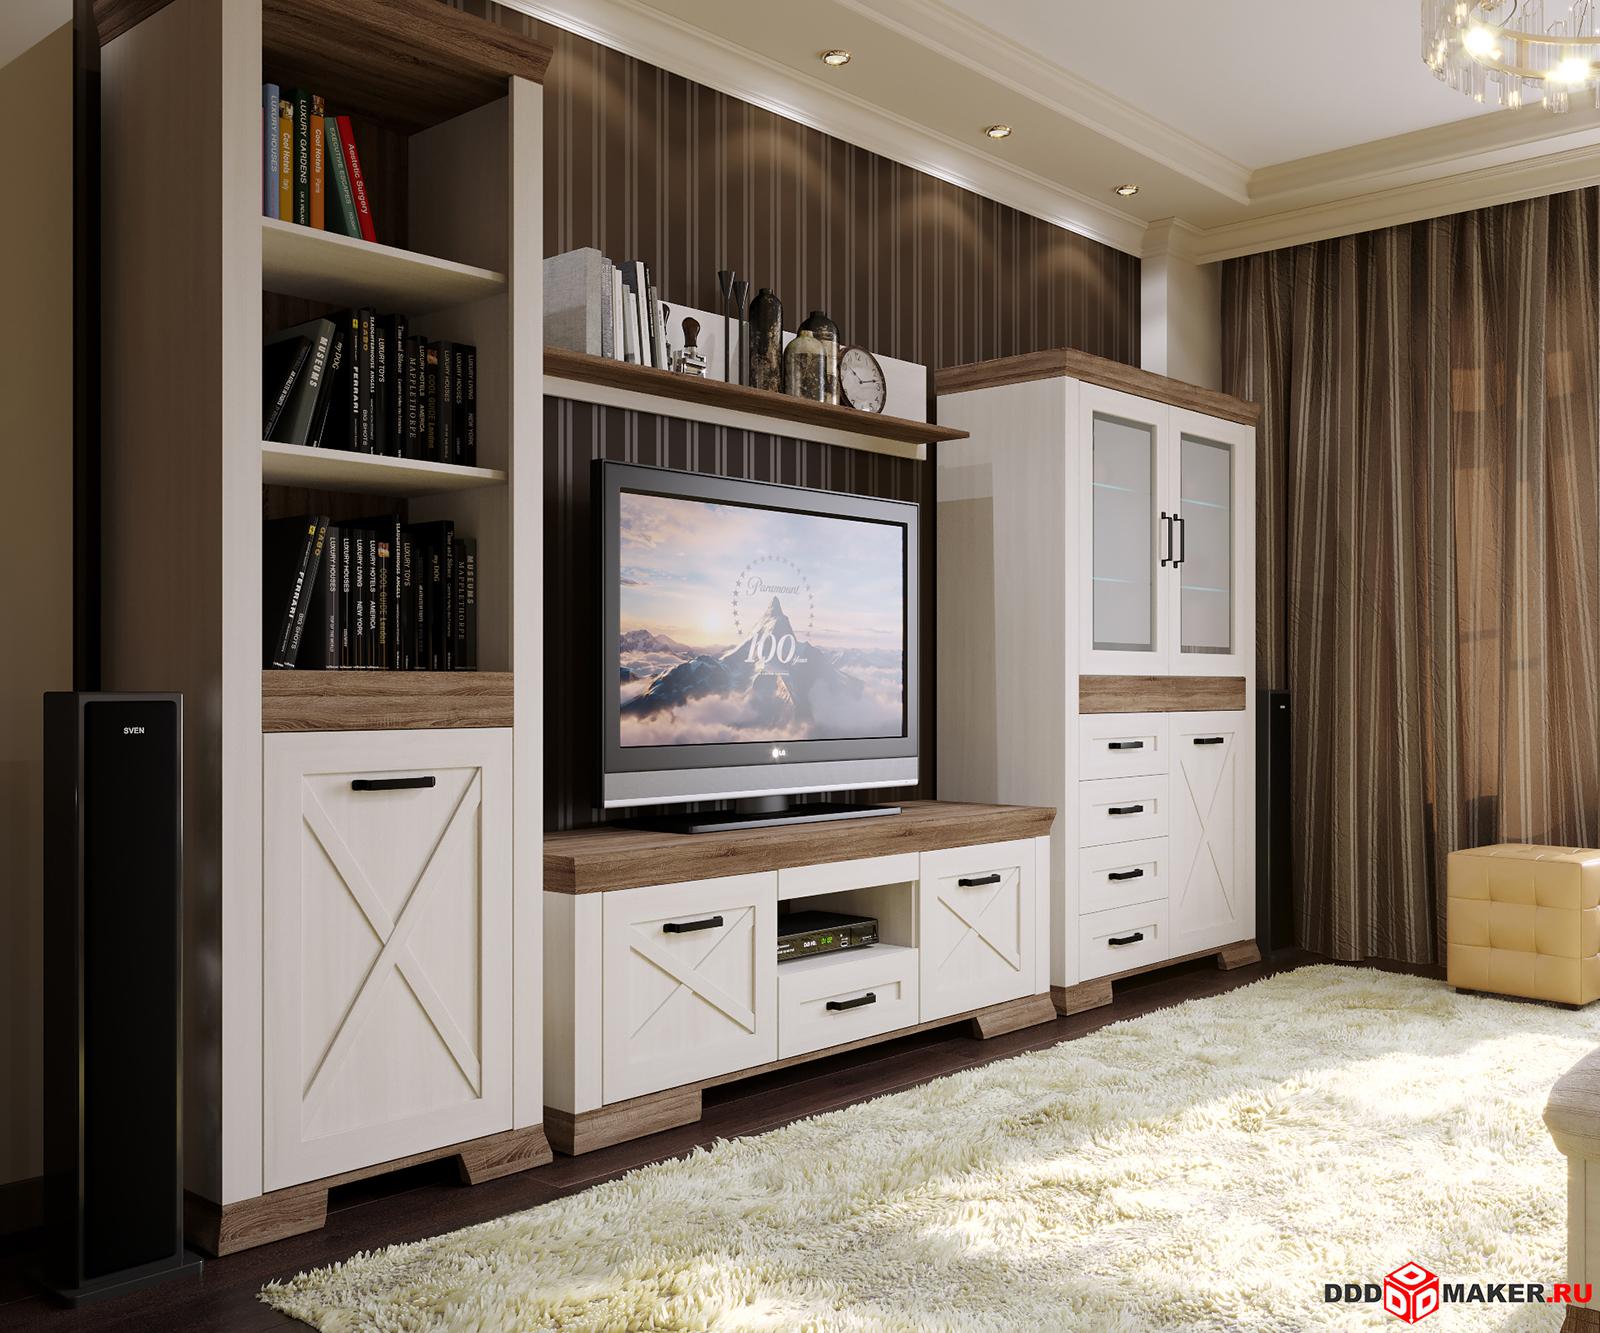 Визуализация мебели для каталога 7